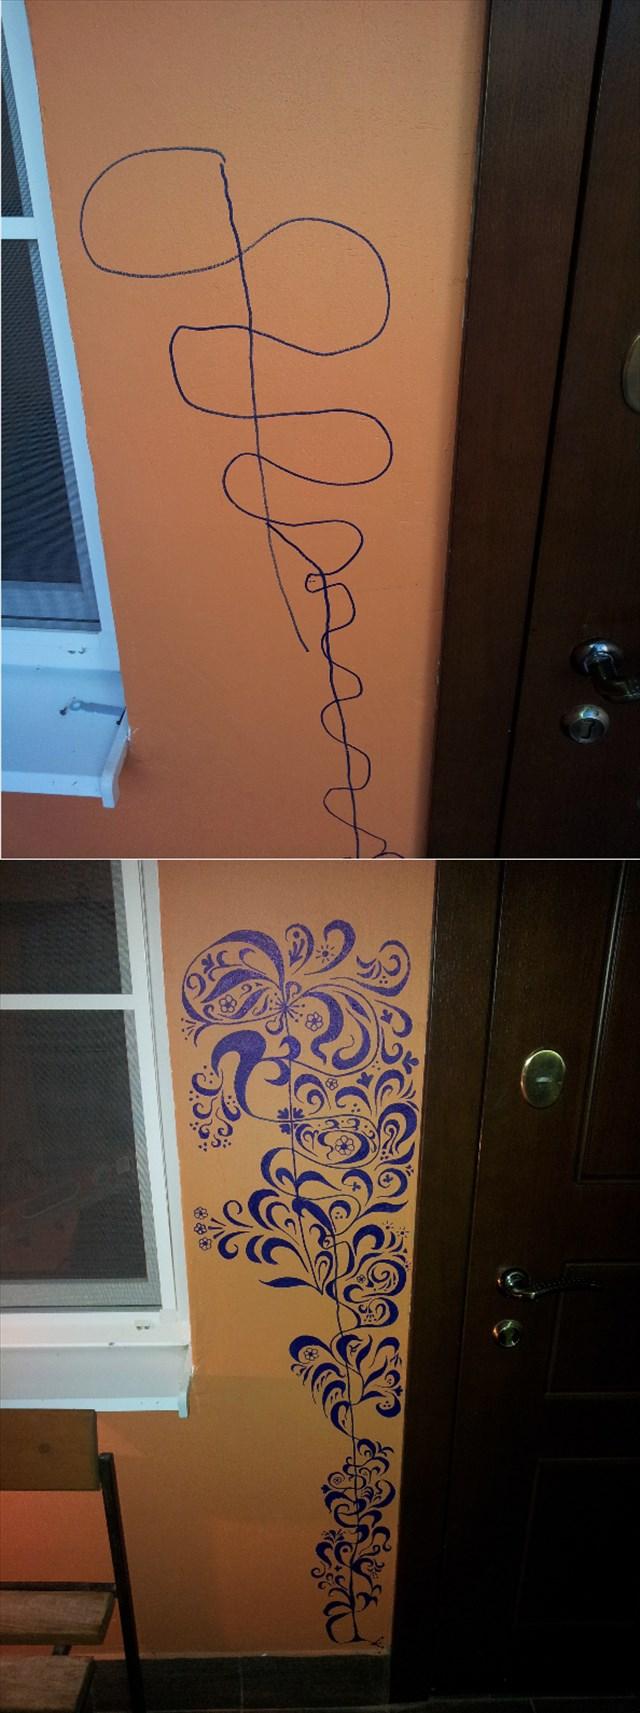 子供が壁に描いてしまった落描きを凄い技法で修正した父親が凄いと話題